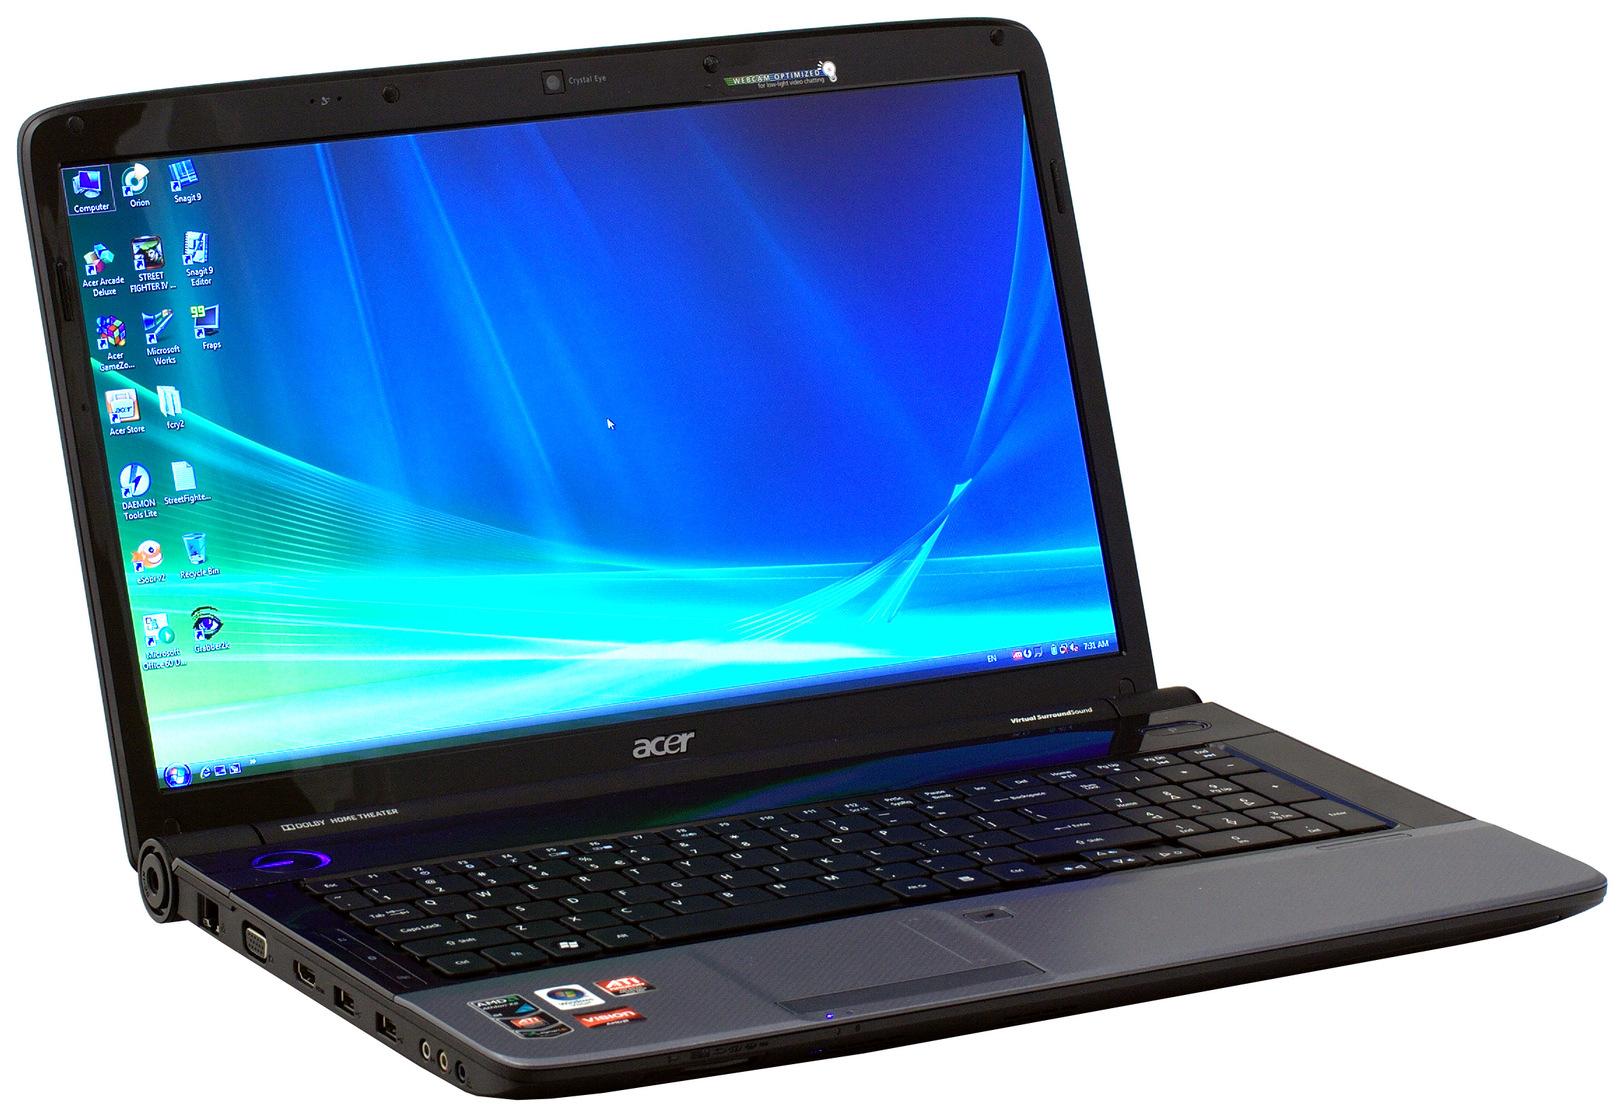 Acer Aspire 7535 LAN New